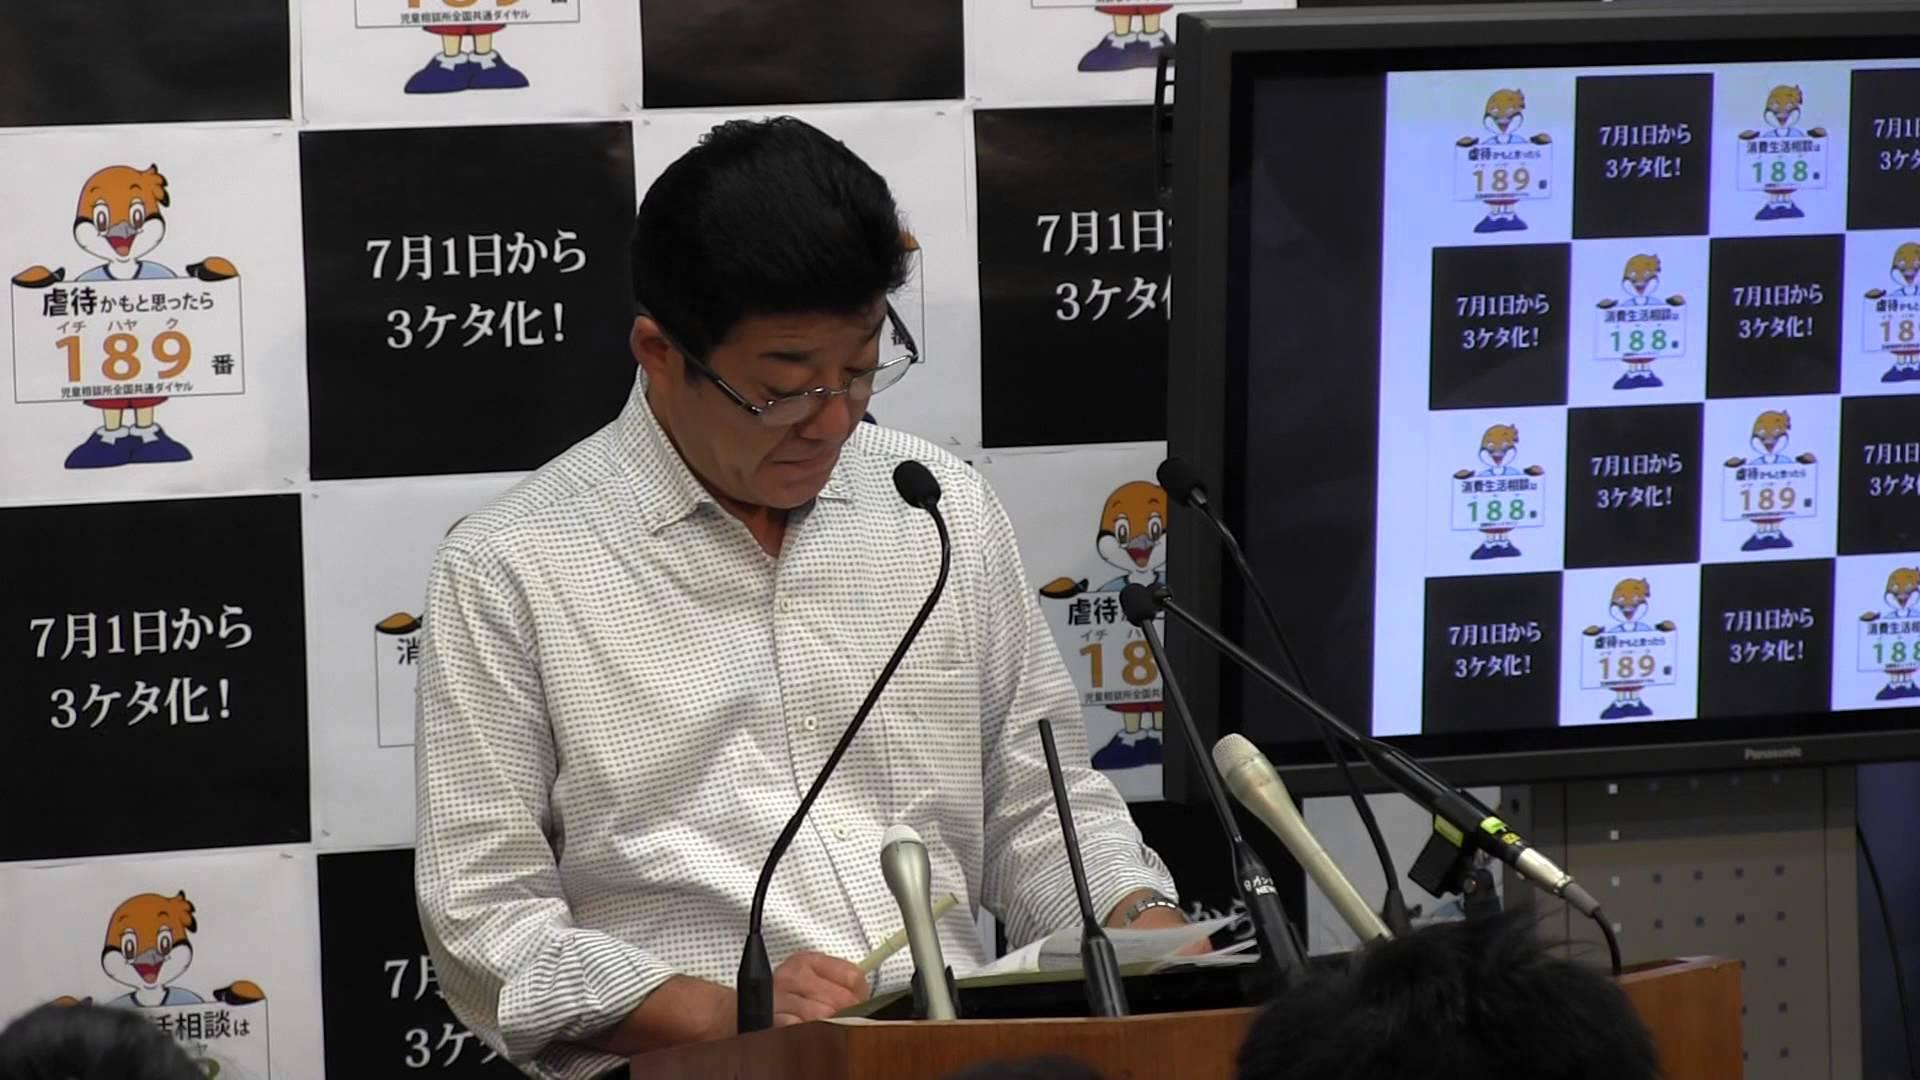 松井知事「自民党は、大阪会議の時間稼ぎをしている」 定例会見2015.7.1